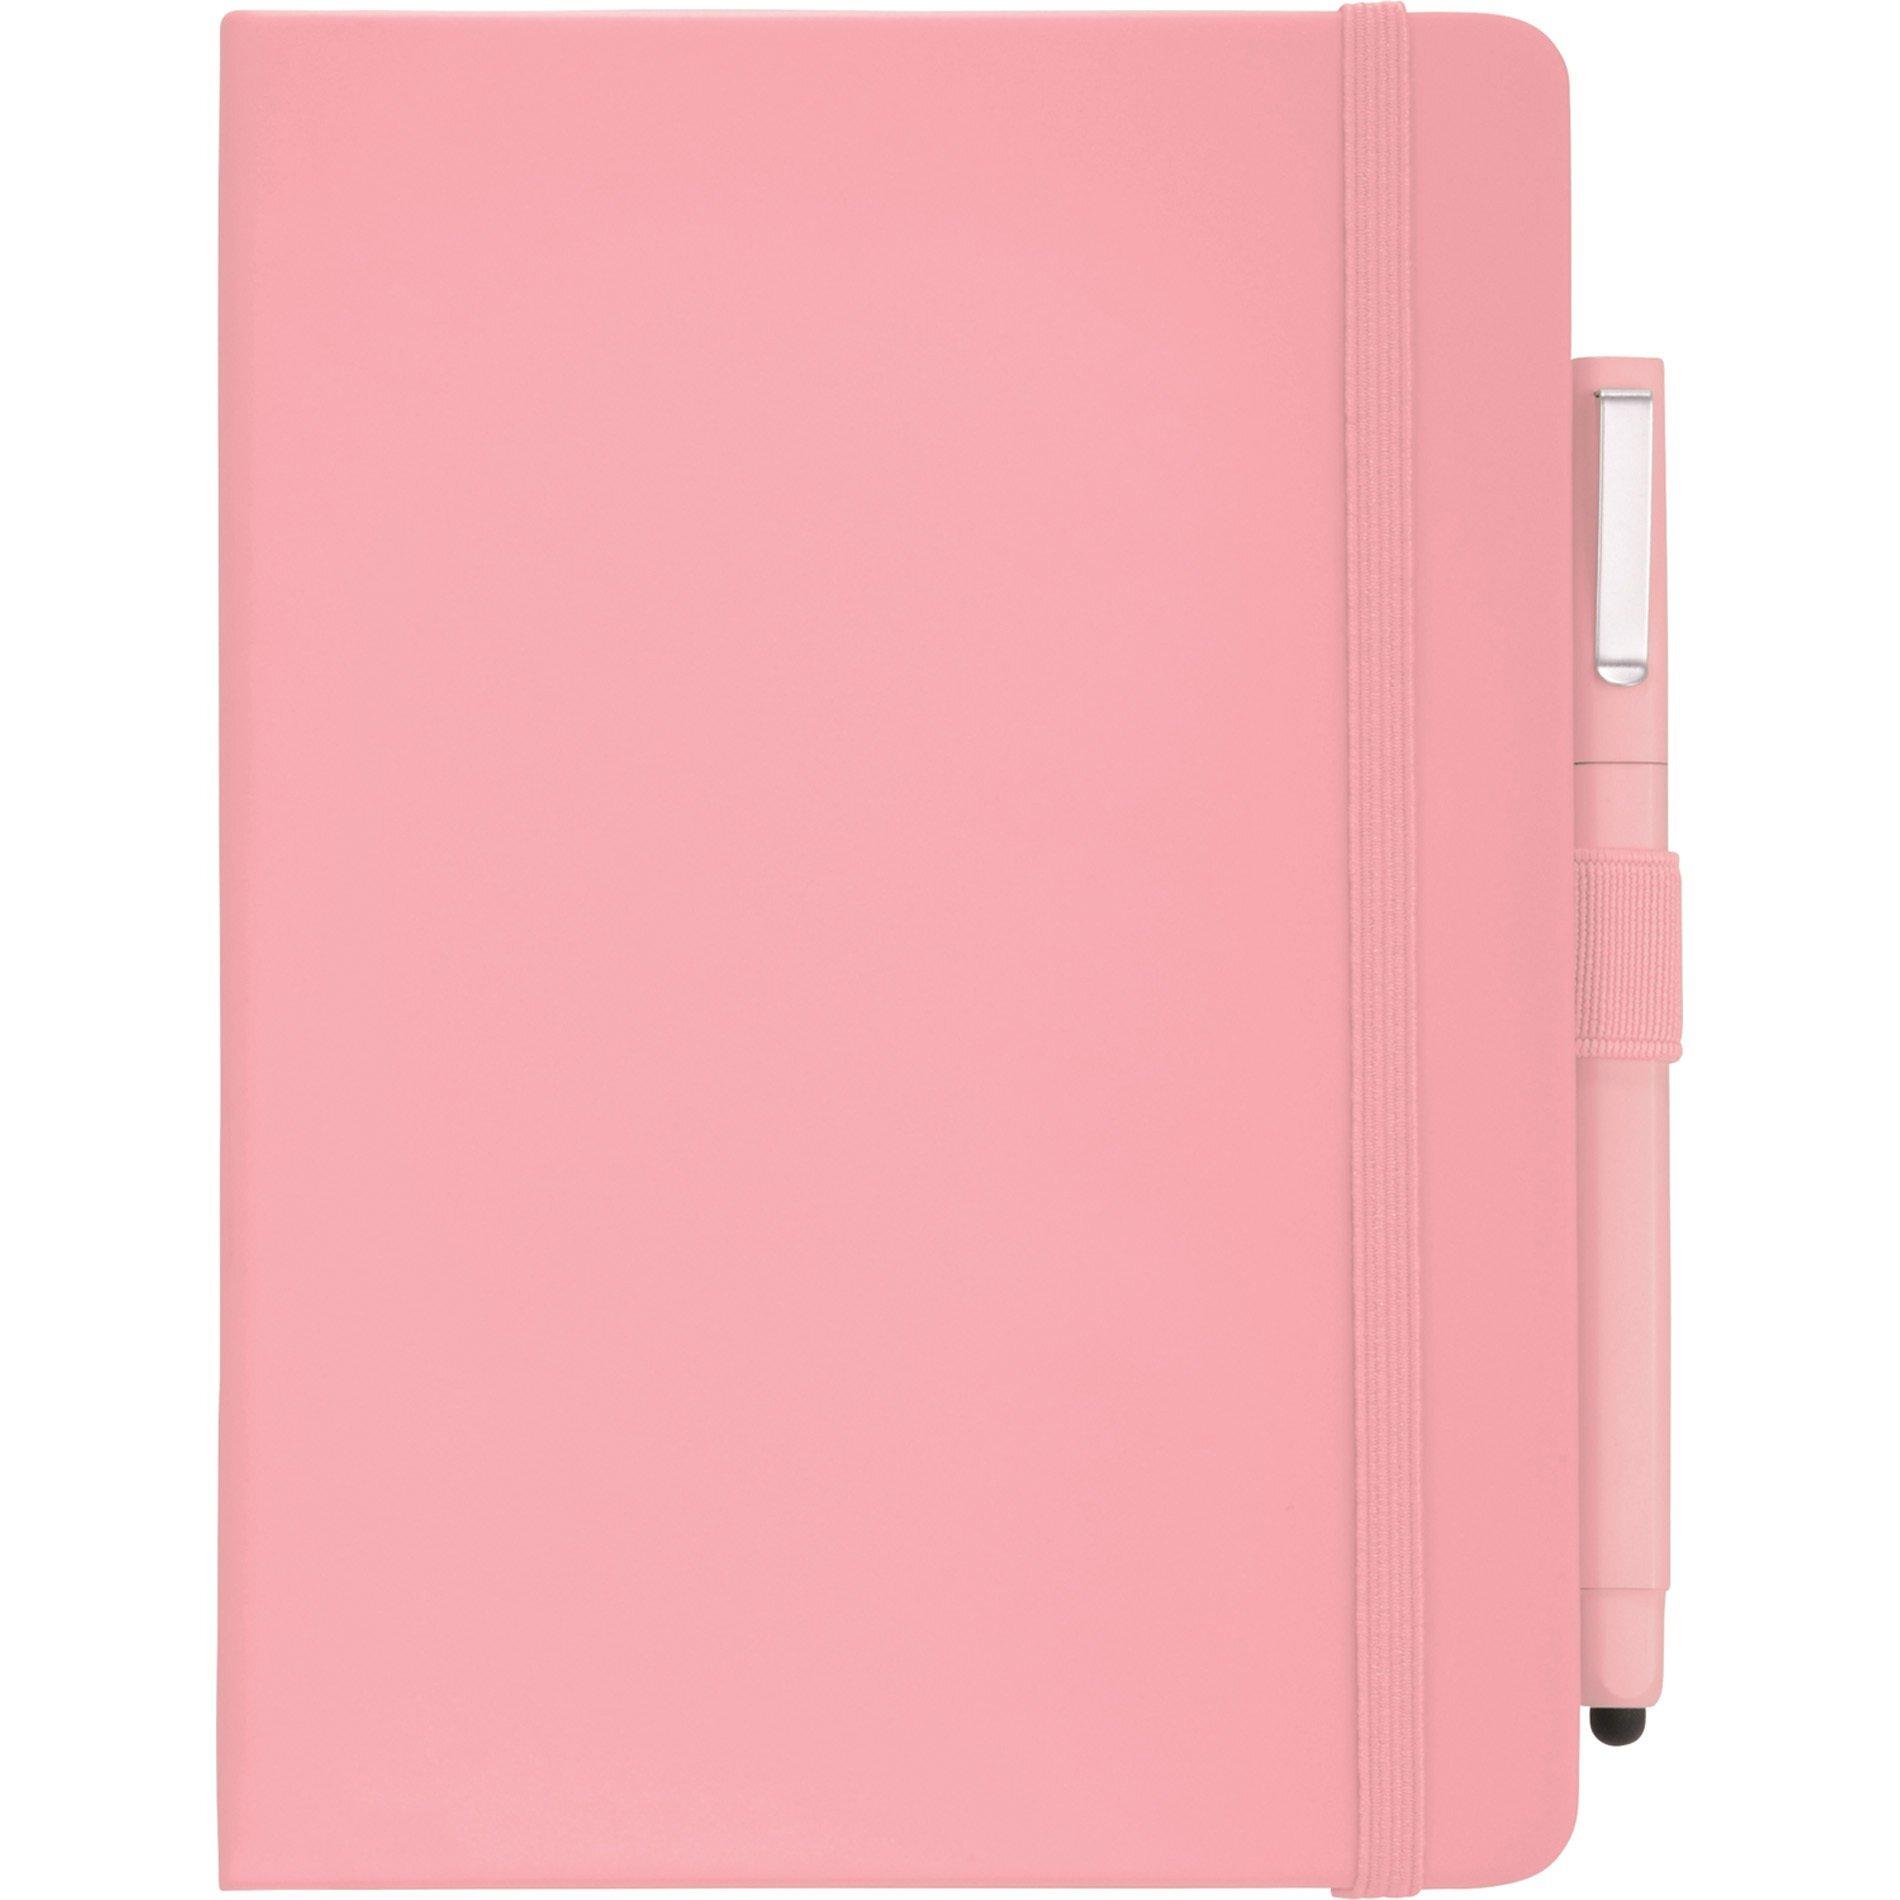 Vienna Italian UltraHyde Hard Bound JournalBook™